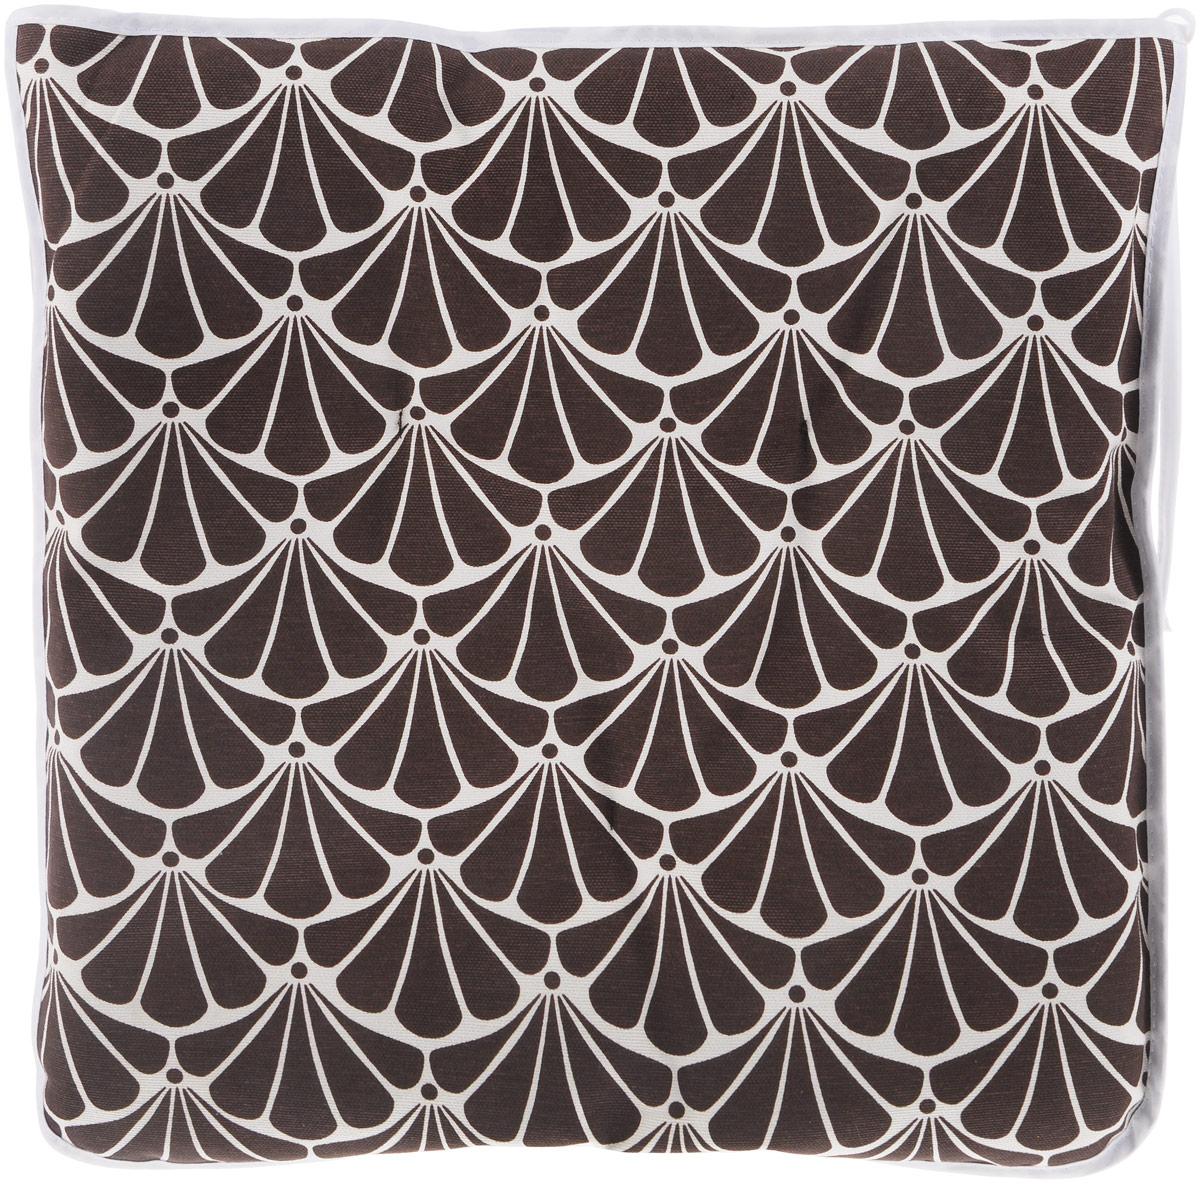 Подушка на стул KauffOrt Томный сад, цвет: коричневый, белый, 40 x 40 см1со6894Подушка на стул KauffOrt Томный сад не только красиво дополнит интерьер кухни, но и обеспечит комфорт при сидении. Изделие выполнено из материалов высокого качества. Подушка легко крепится на стул с помощью завязок. Правильно сидеть - значит сохранить здоровье на долгие годы. Жесткие сидения подвергают наше здоровье опасности. Подушка с мягким наполнителем поможет предотвратить большинство нежелательных последствий сидячего образа жизни.Толщина подушки: 5 см.